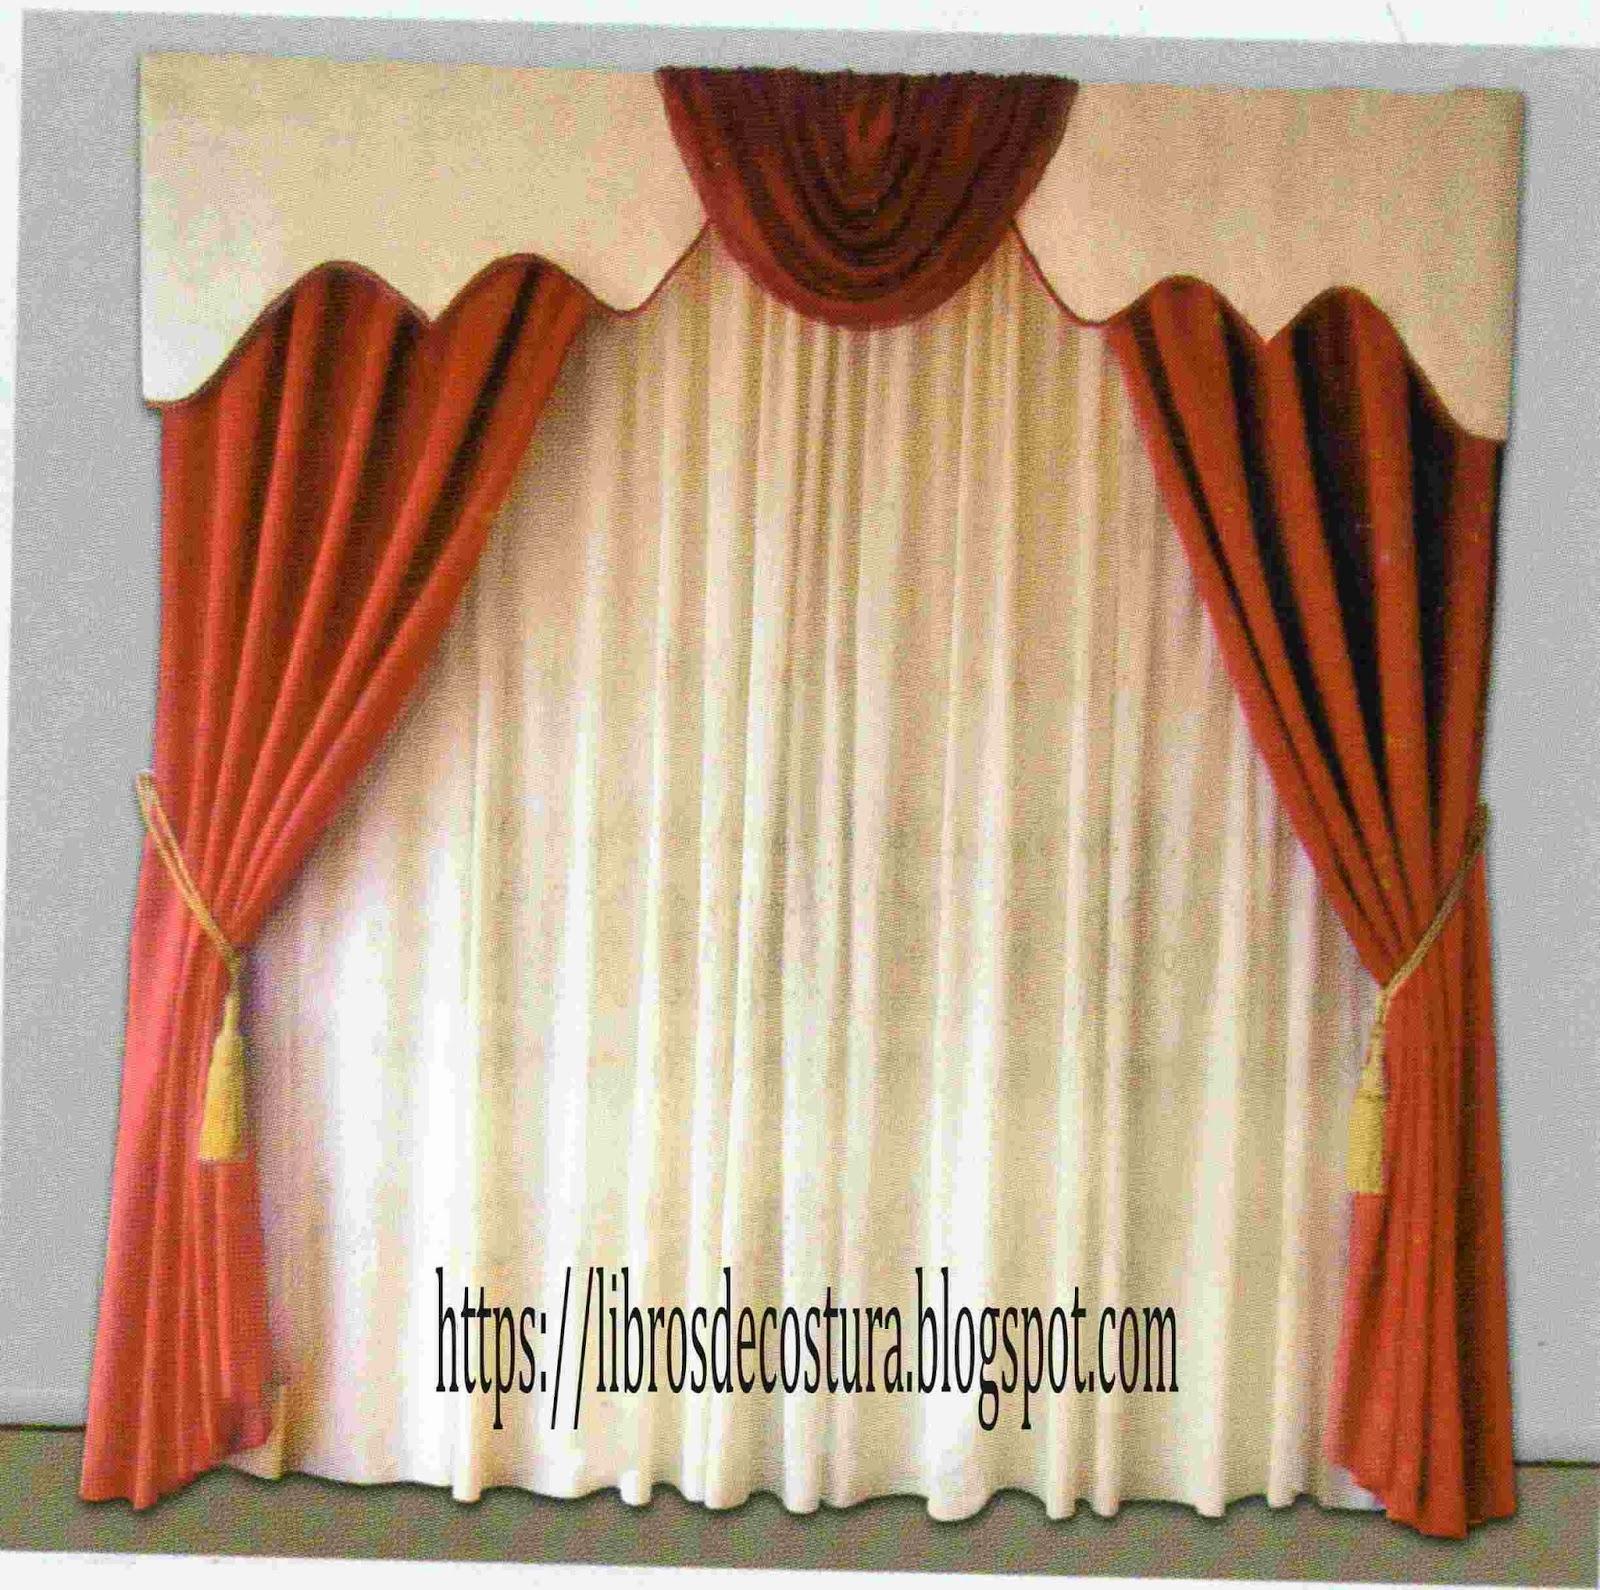 Libros de costura como hacer cortinas paso a paso for Colores de cortinas para cocina comedor